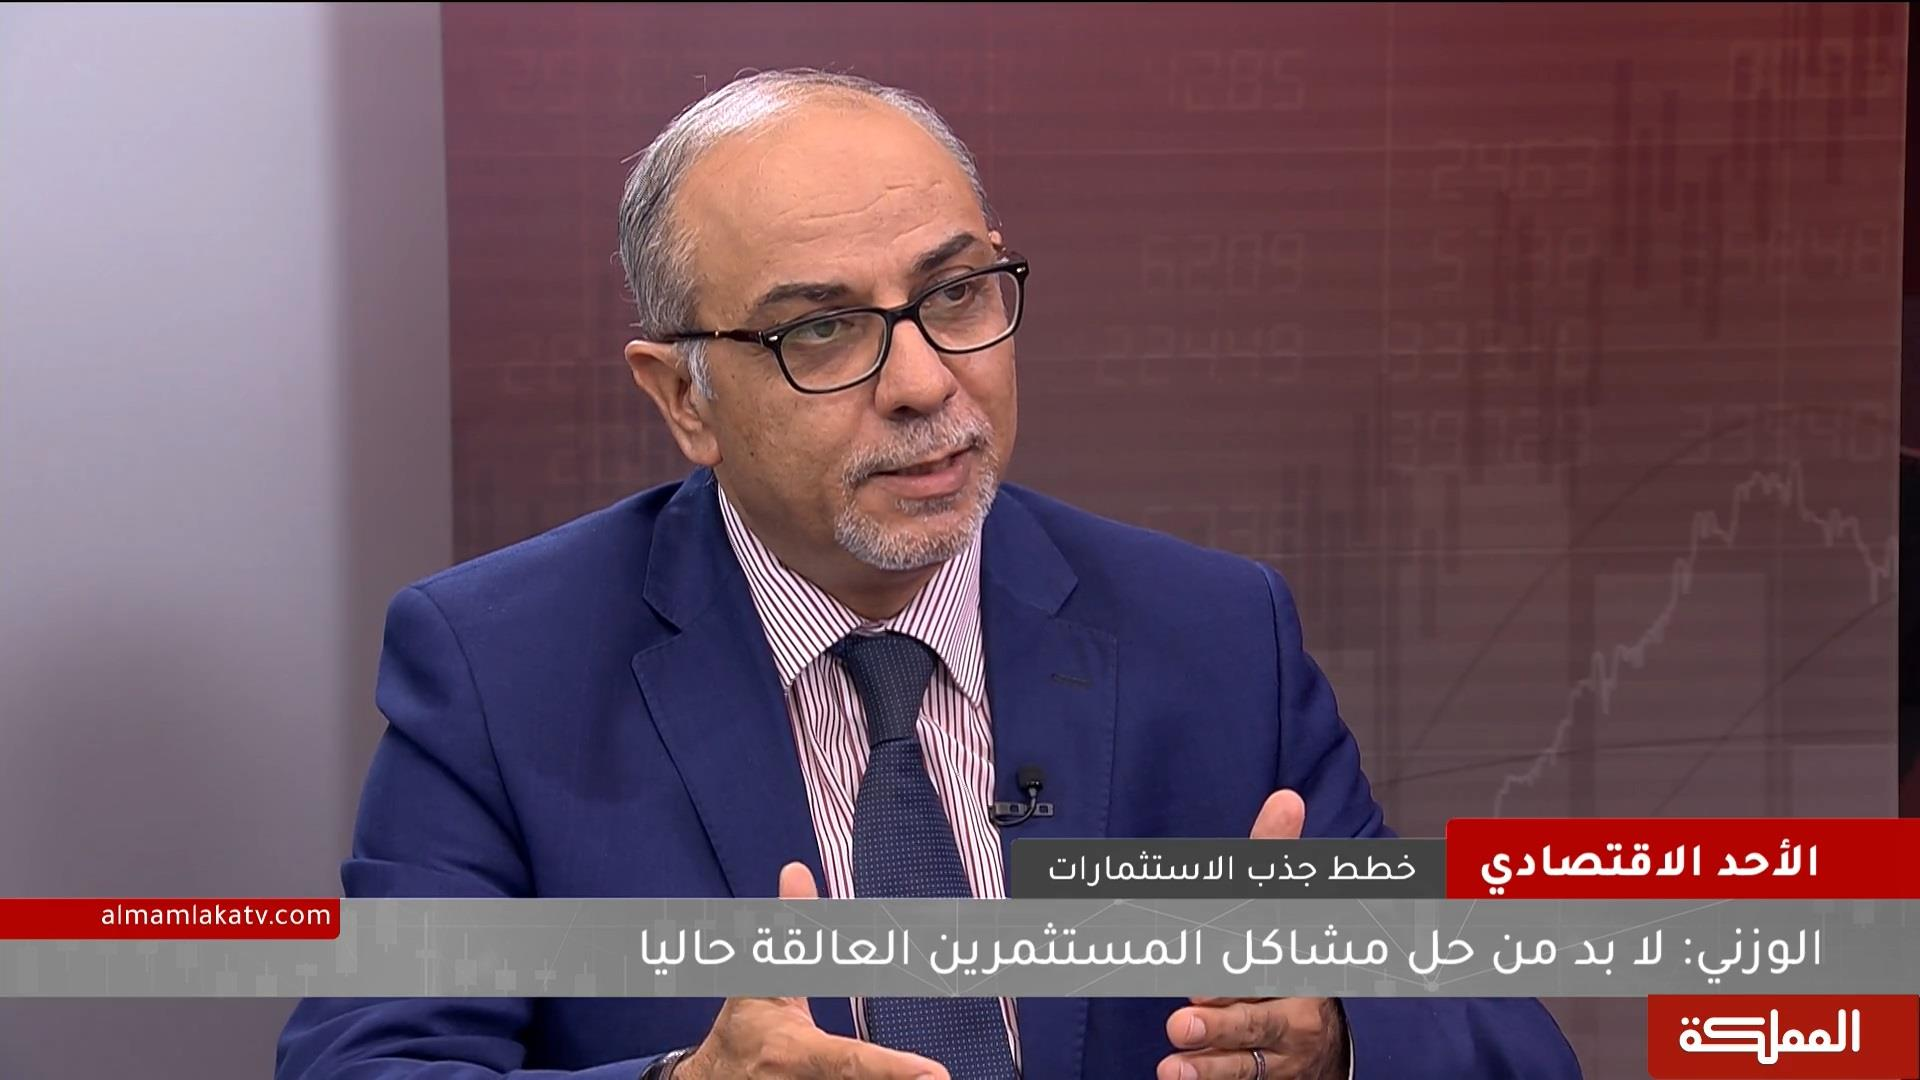 الأحد الاقتصادي   خطط جذب الاستثمار إلى الأردن